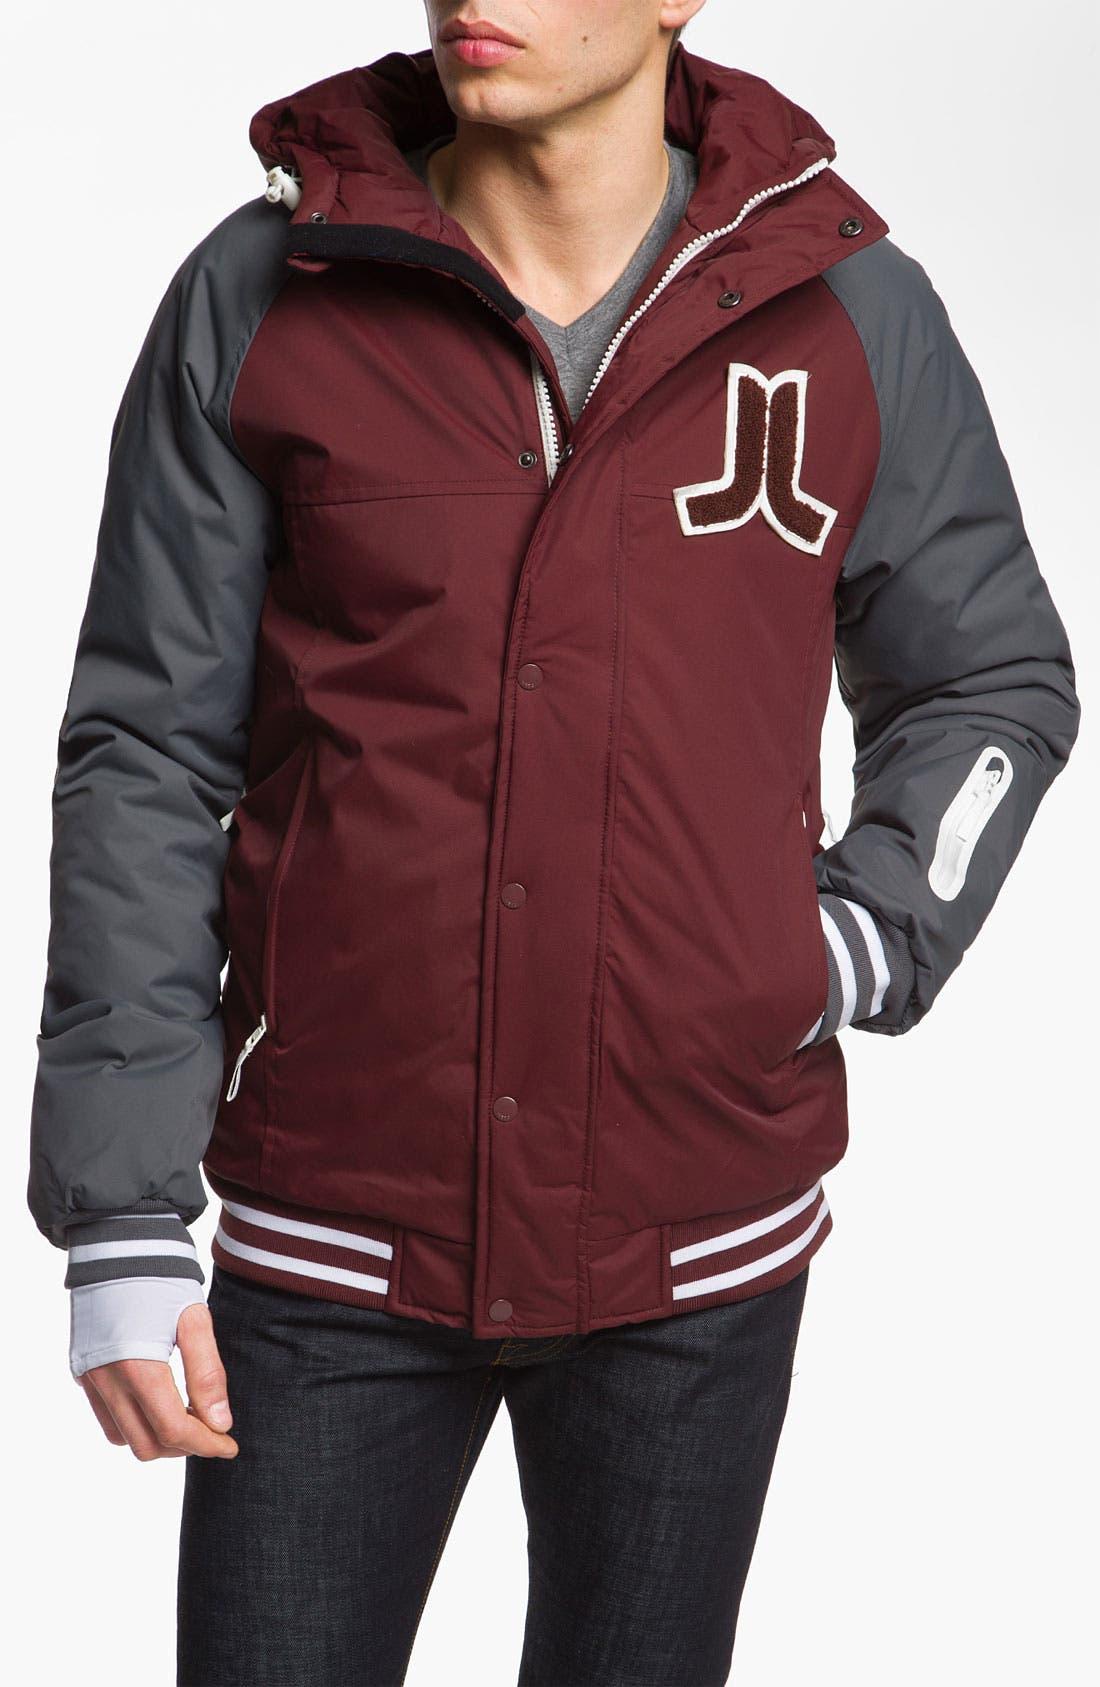 Alternate Image 1 Selected - WeSC 'Jakobi Plus' Hooded Jacket